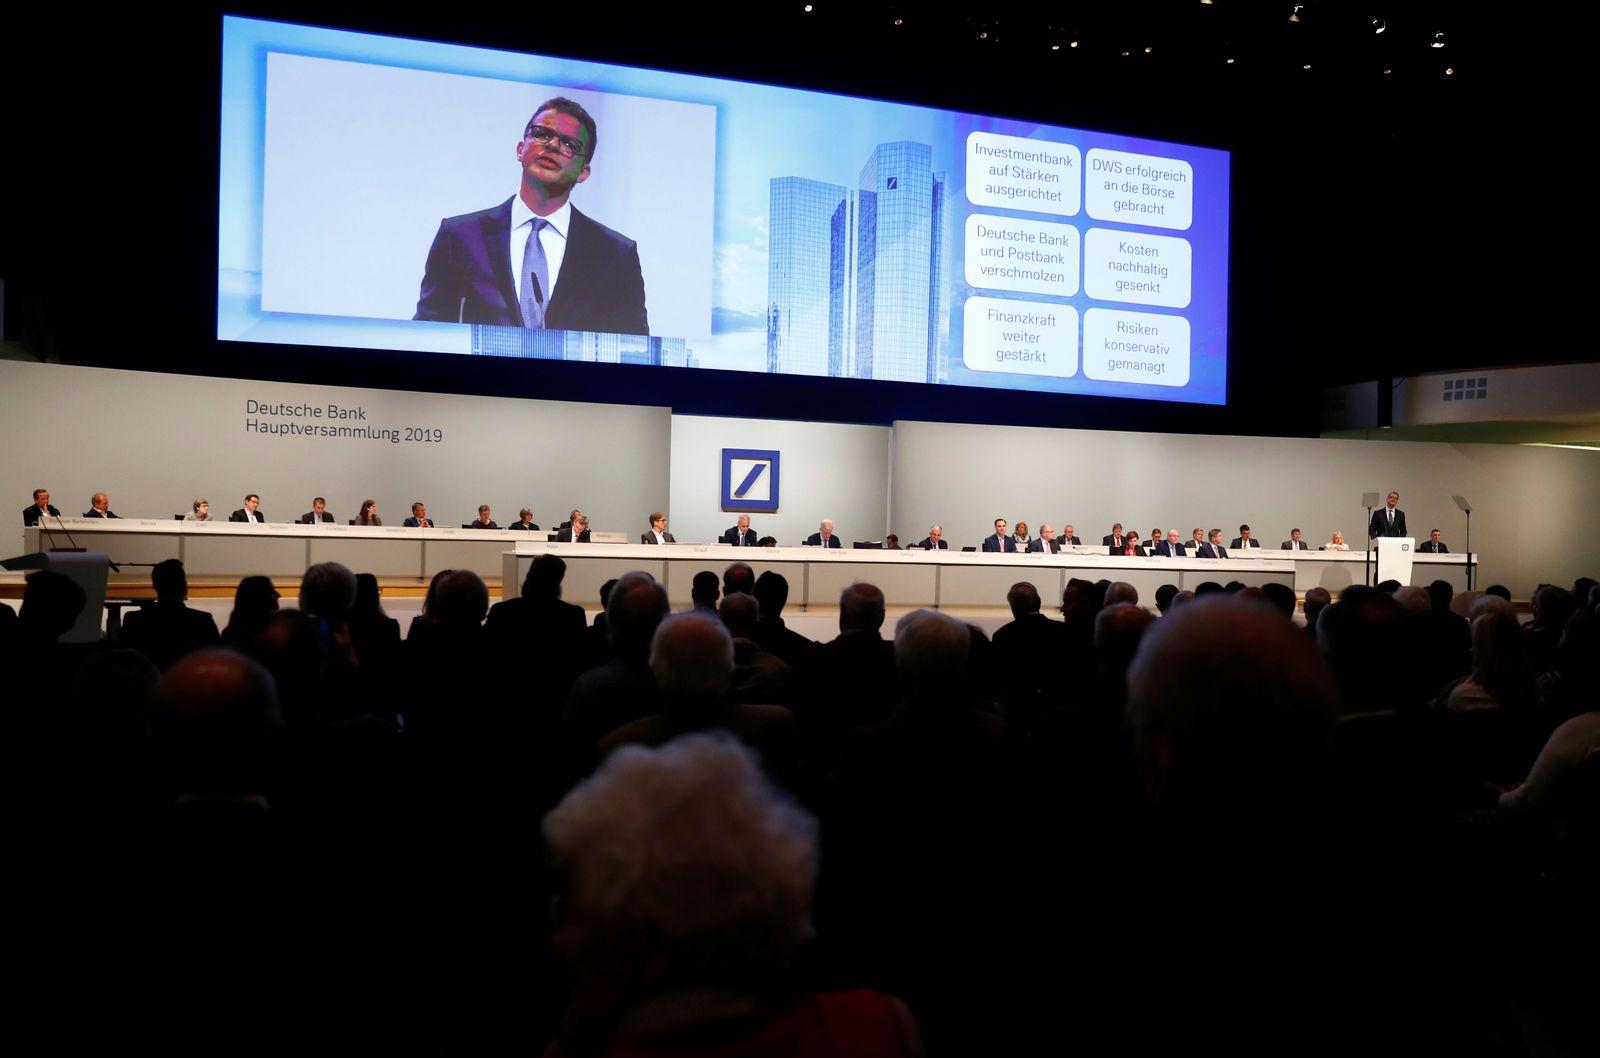 Deutsche Bank / Hauptversammlung